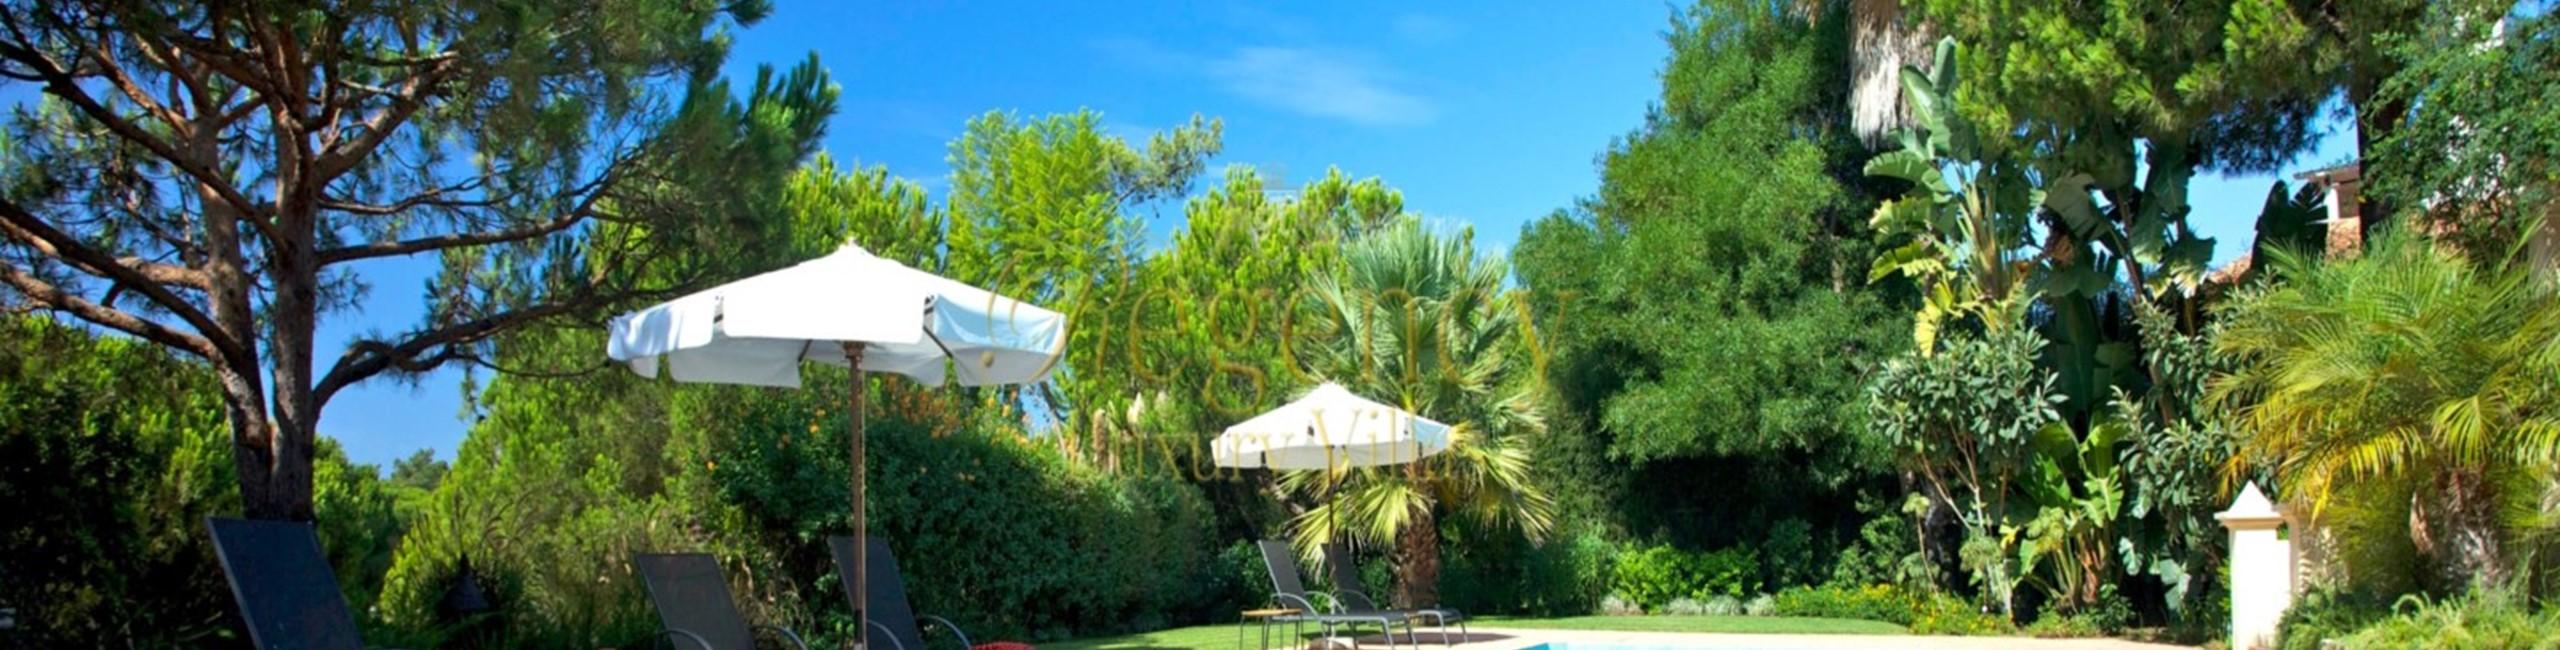 6 Bed Villa To Rent In Quinta Do Lago Algarve Regency Luxury Villas 1